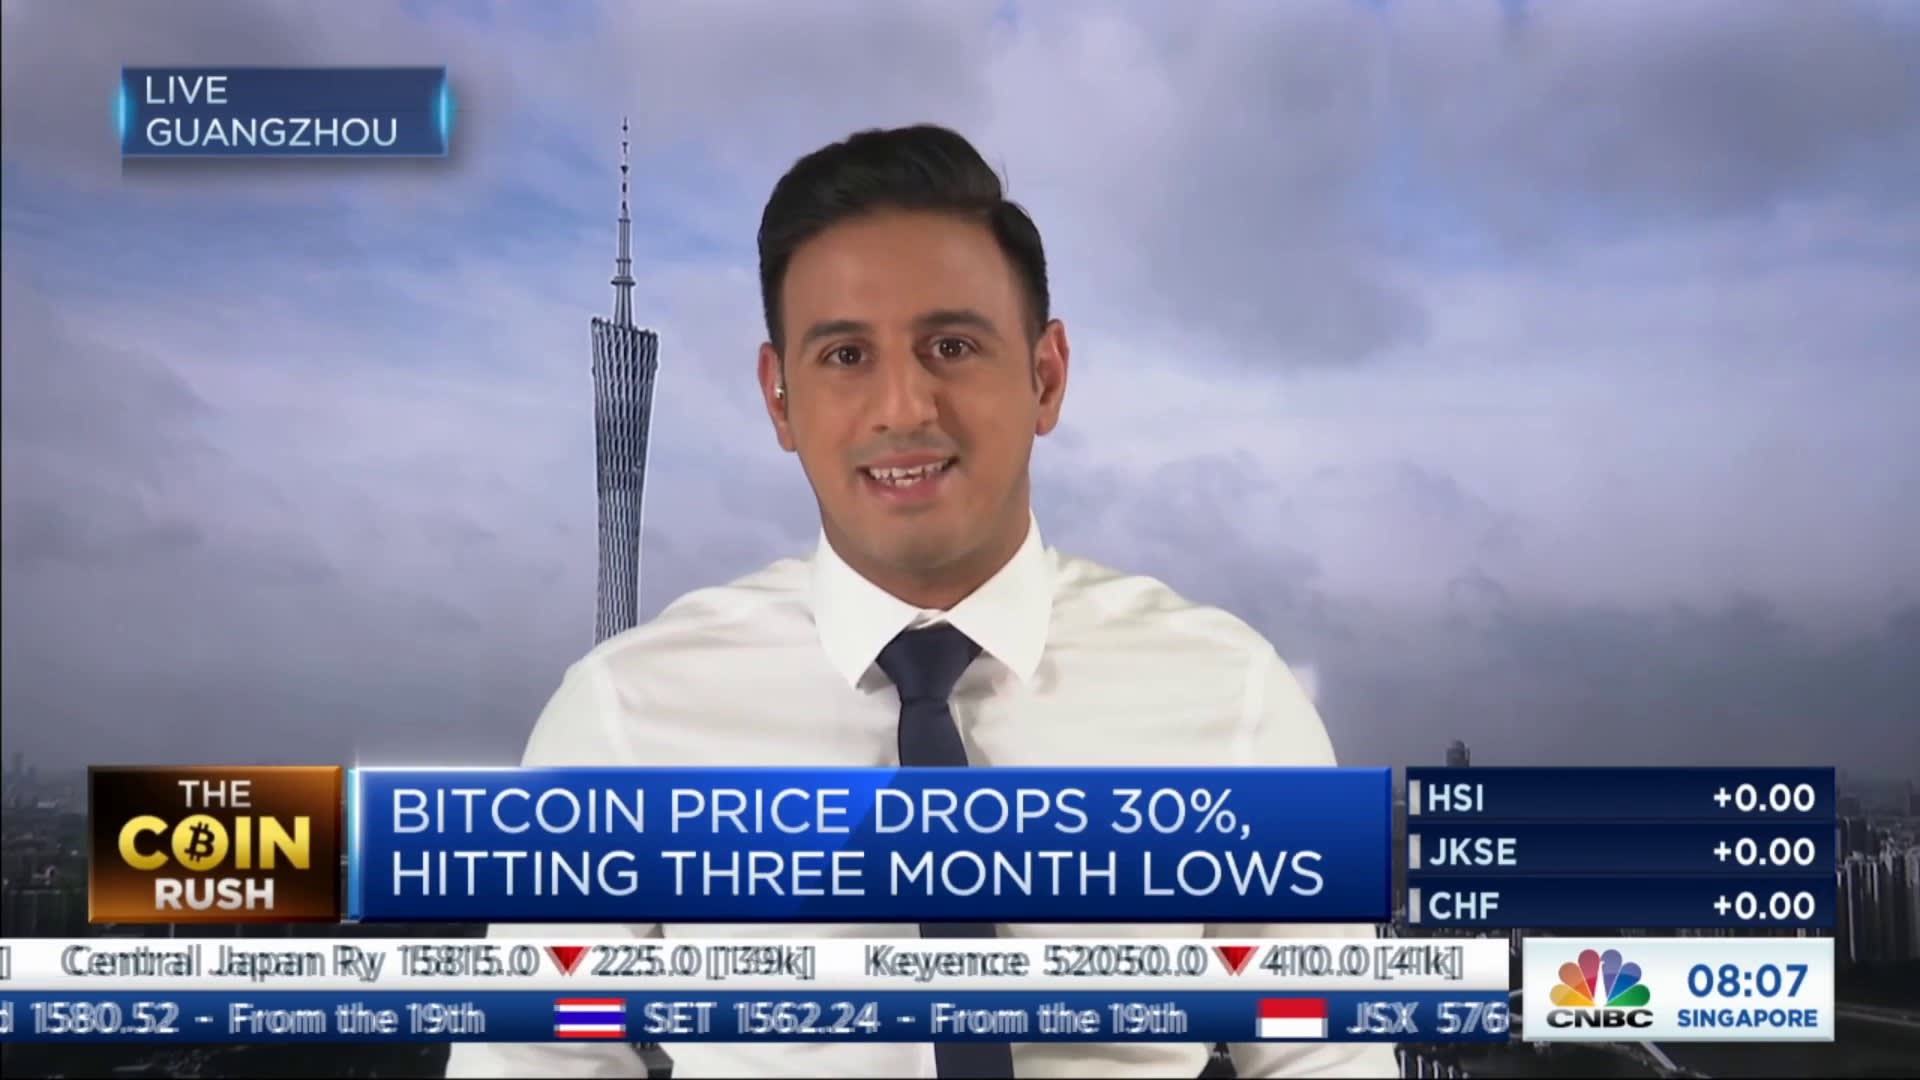 Bitcoin giù per i divieti imposti in Cina. E i prezzi delle GPU crollano - metromaredellostretto.it